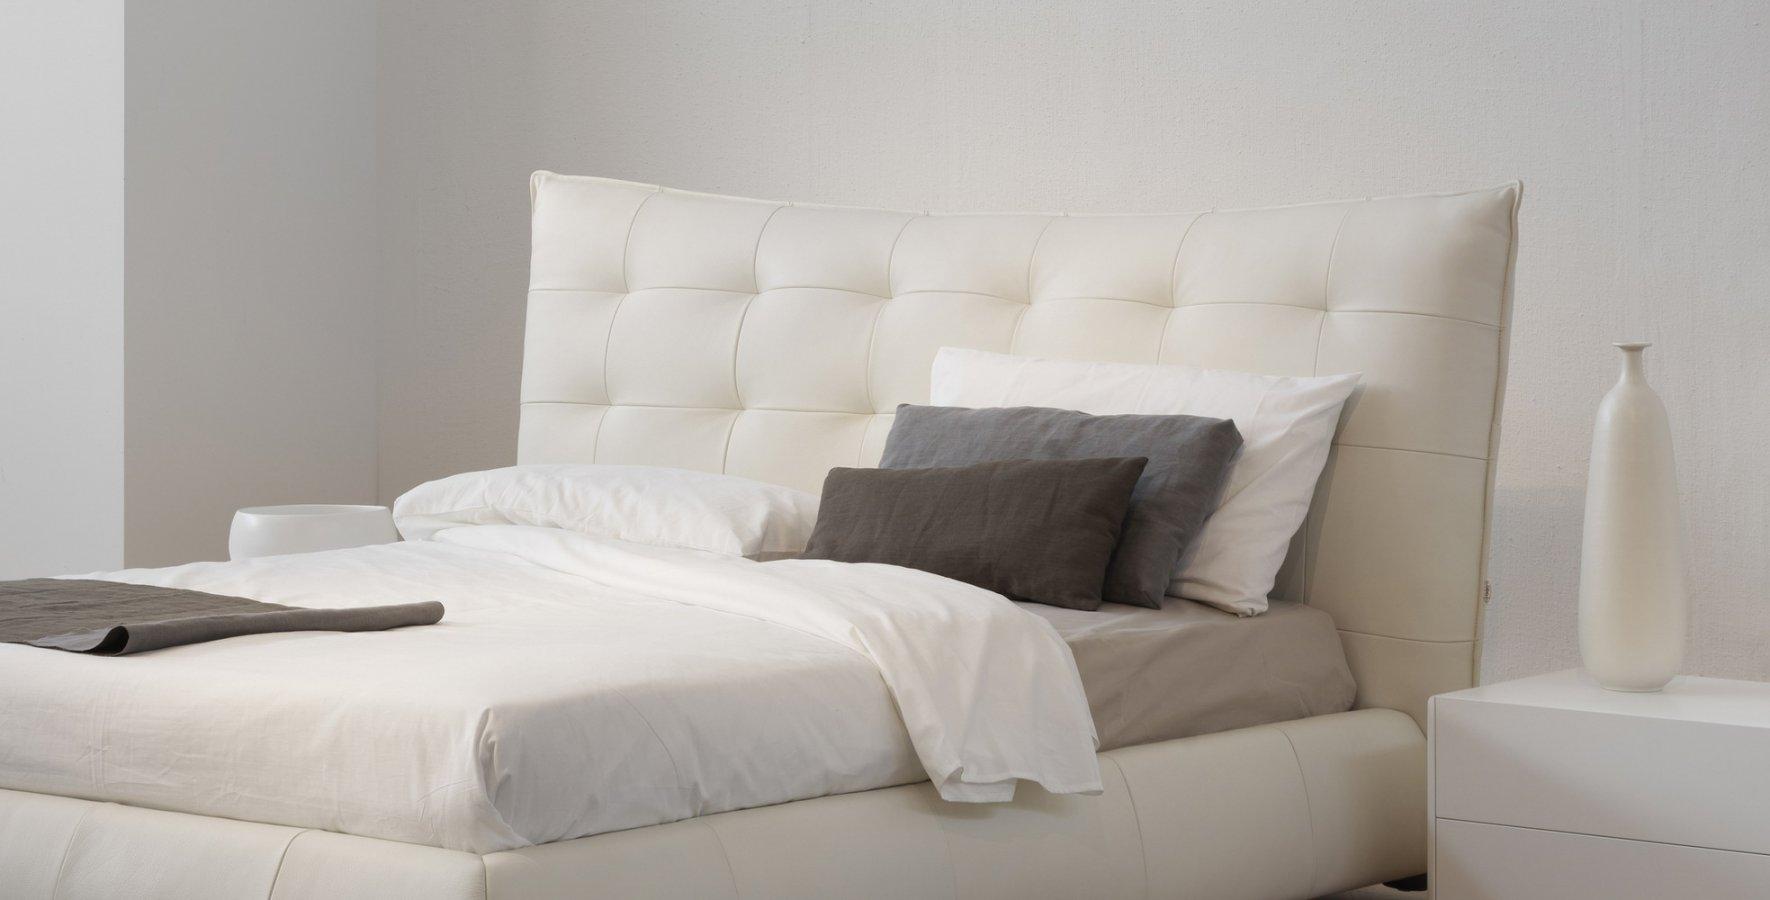 Letto mara di falegnameria1946 design falegnameria1946 arredamento design - Letto pelle bianca ...